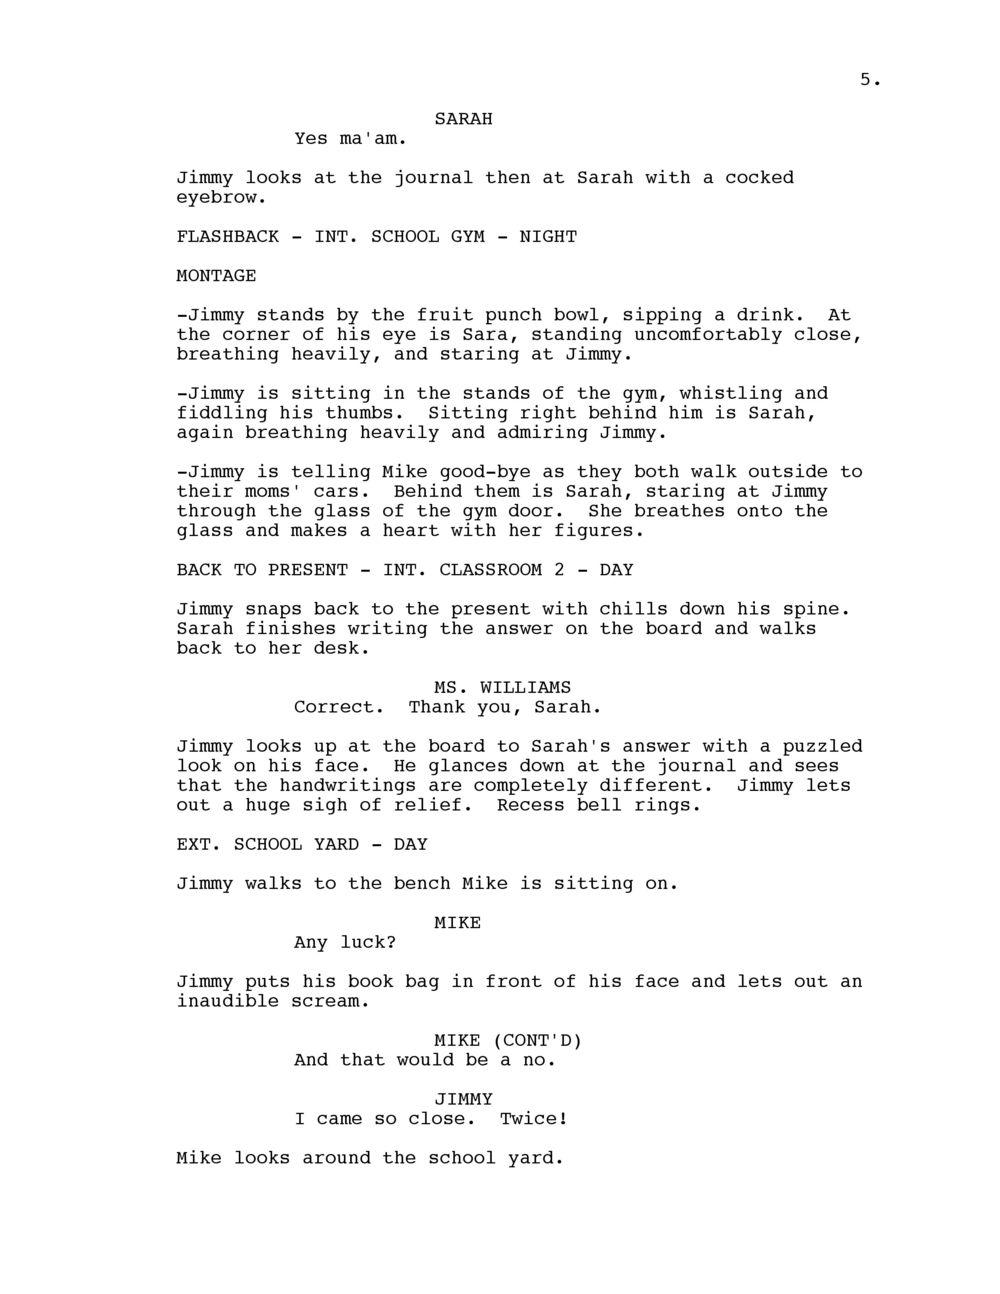 Script - The Pink Journal-5.jpg